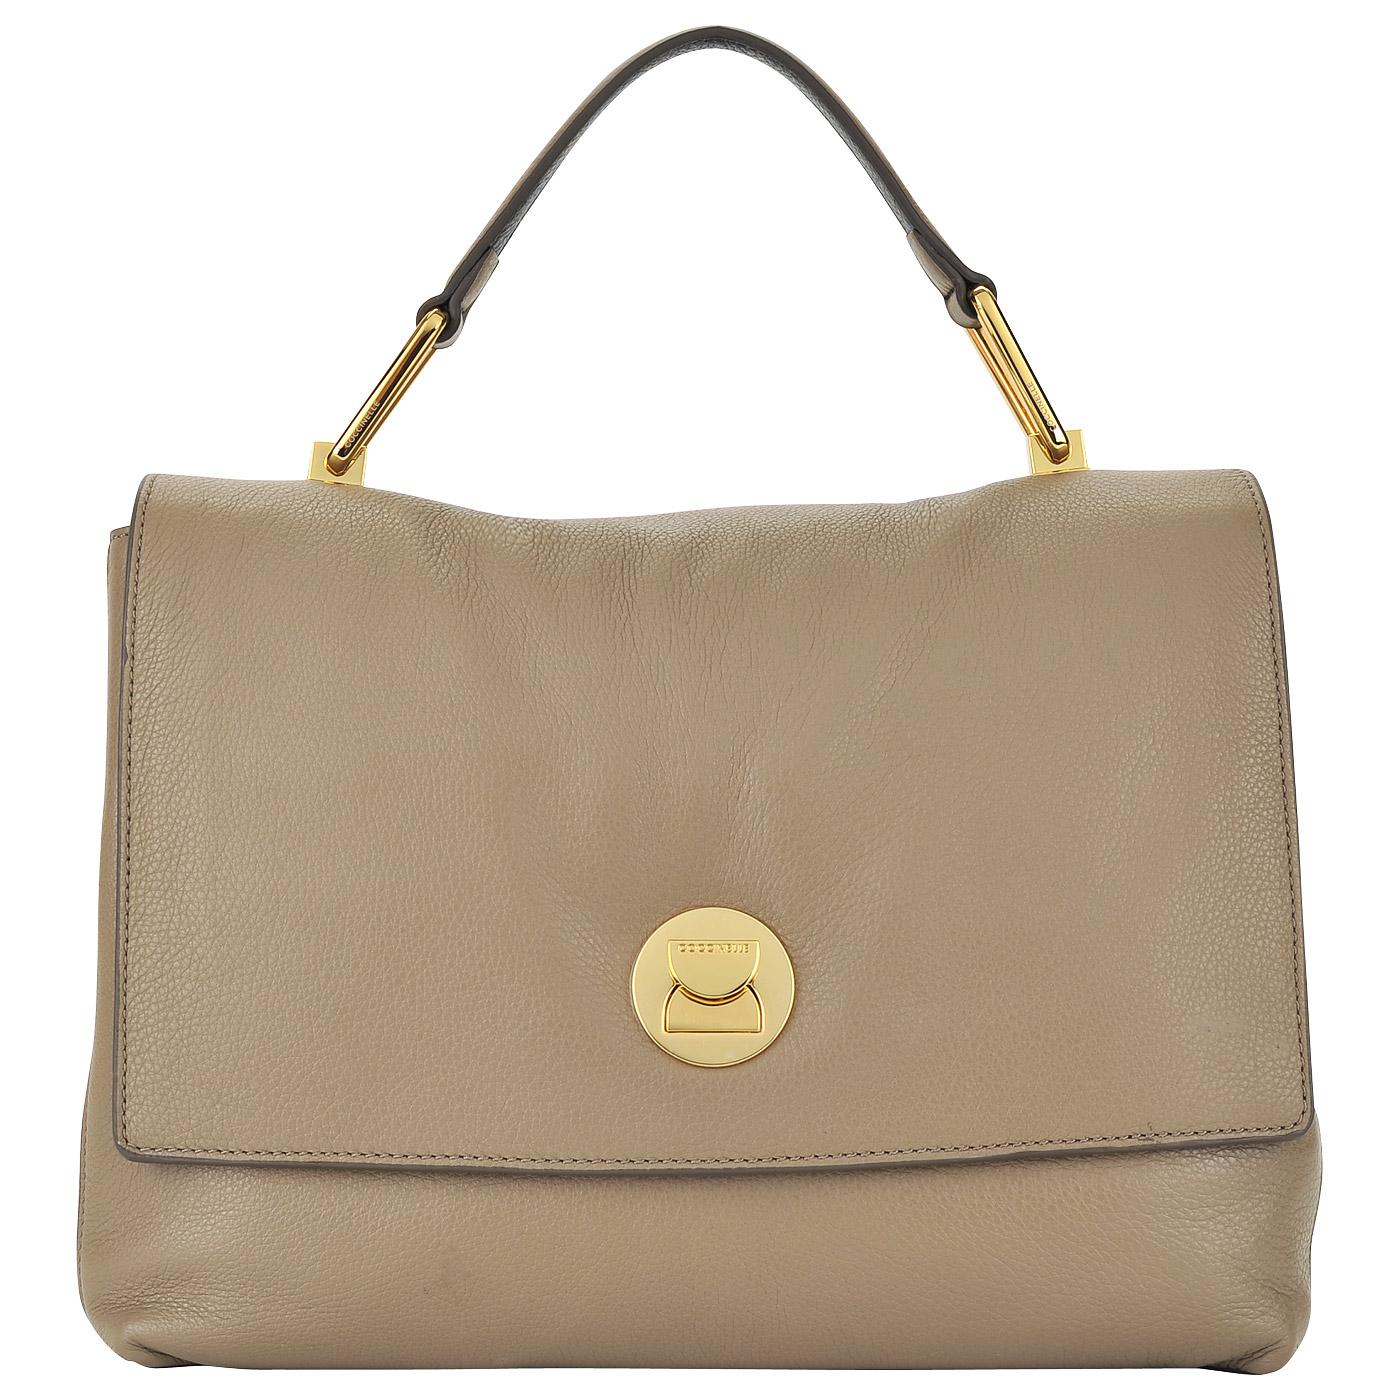 b424153e2d40 Женская кожаная сумка с откидным клапаном Coccinelle Liya BD0 18 01 ...